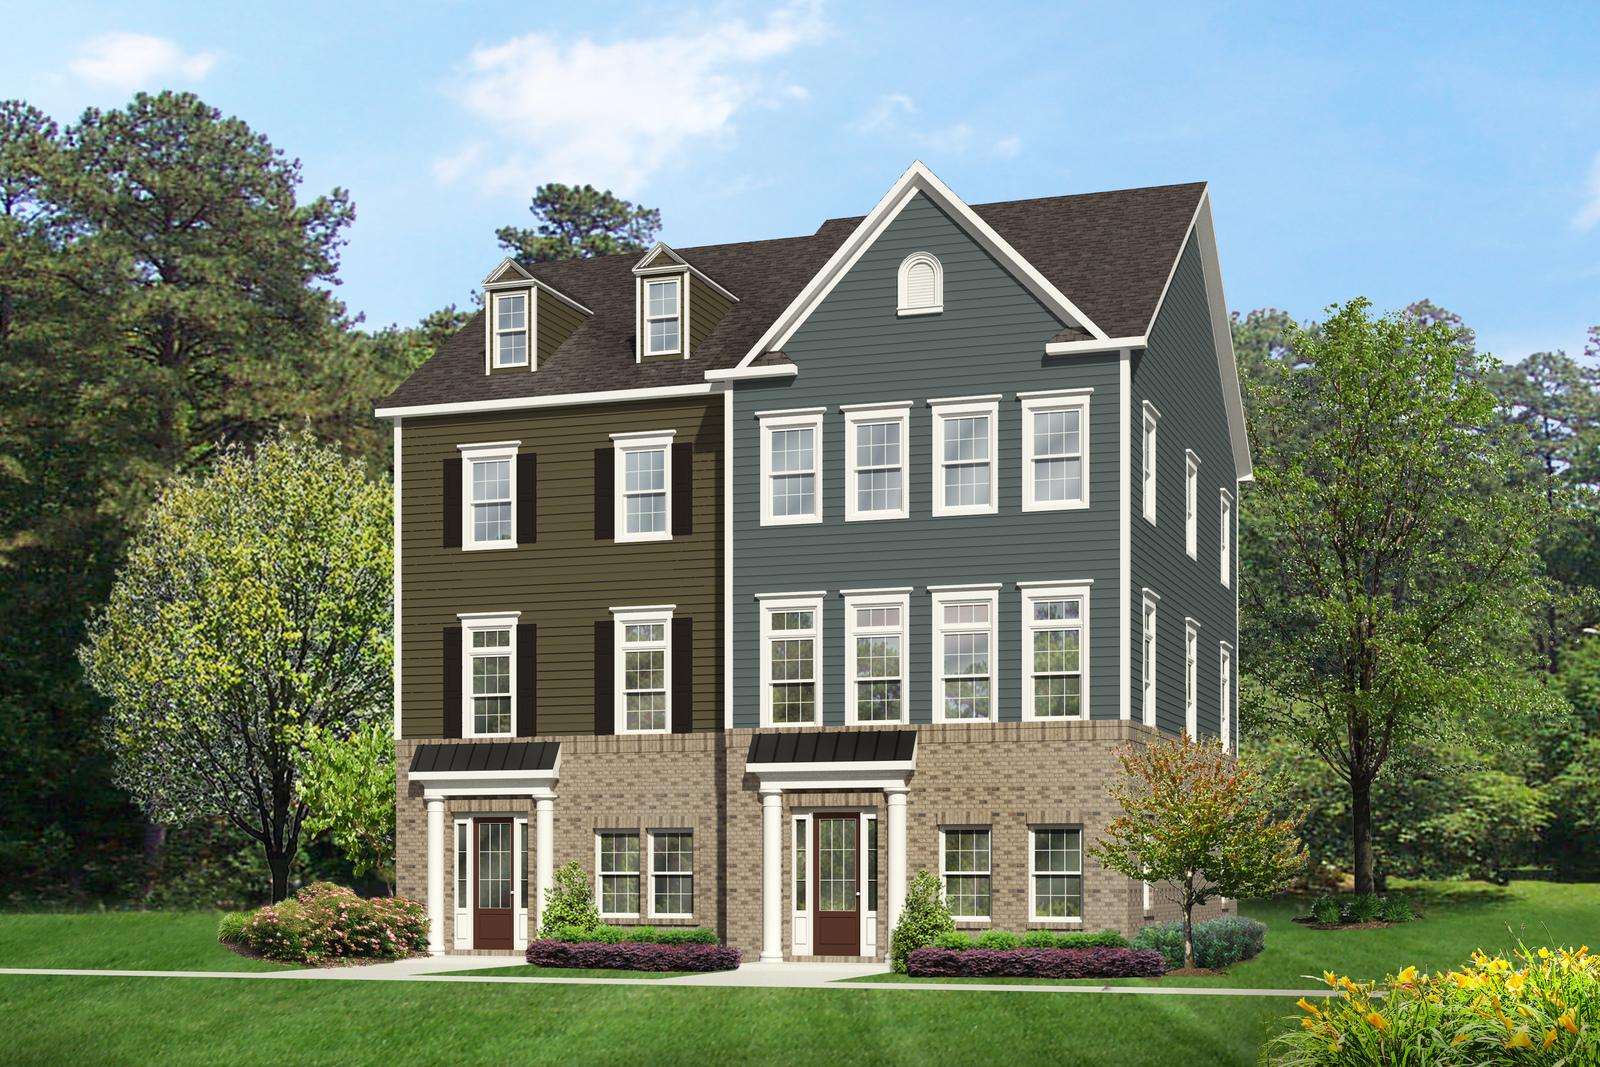 Heartland Homes Floor Plans New John Jacob Astor Bsmt Level Entry Home Model For